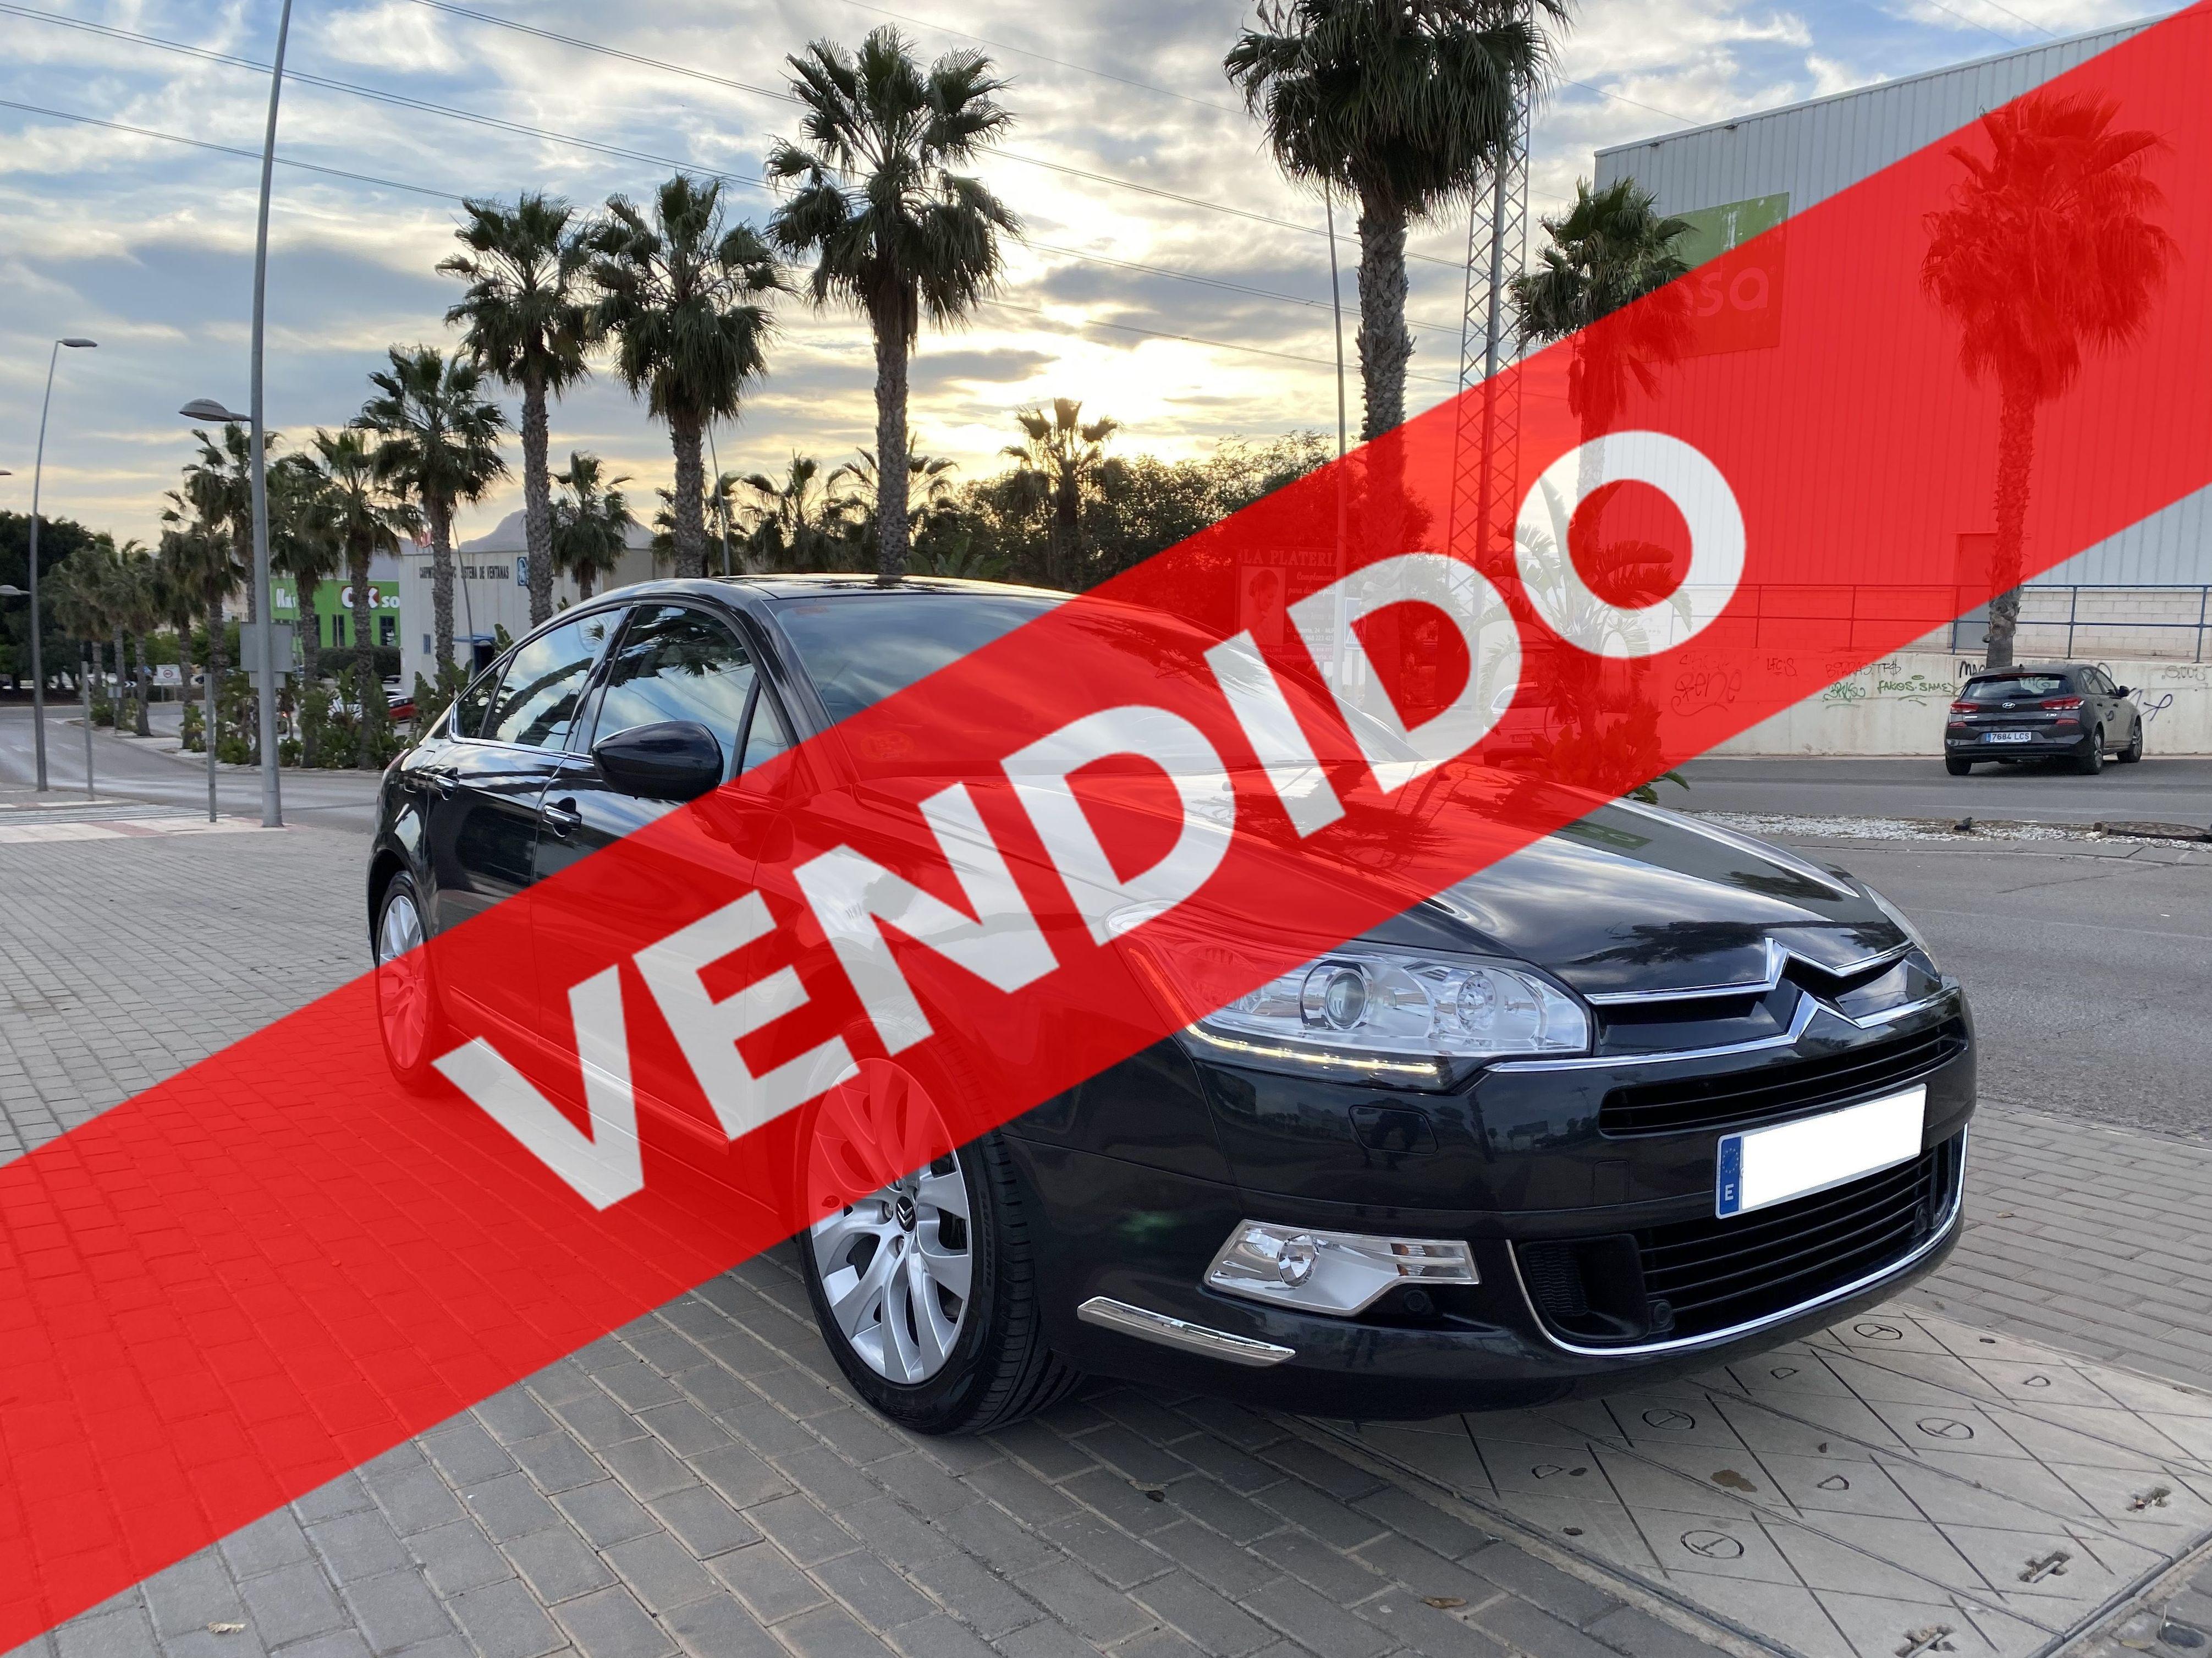 CITROËN C5 2.2HDI EXCLUSIVE: COCHES DE OCASION de Automóviles Parque Mediterráneo